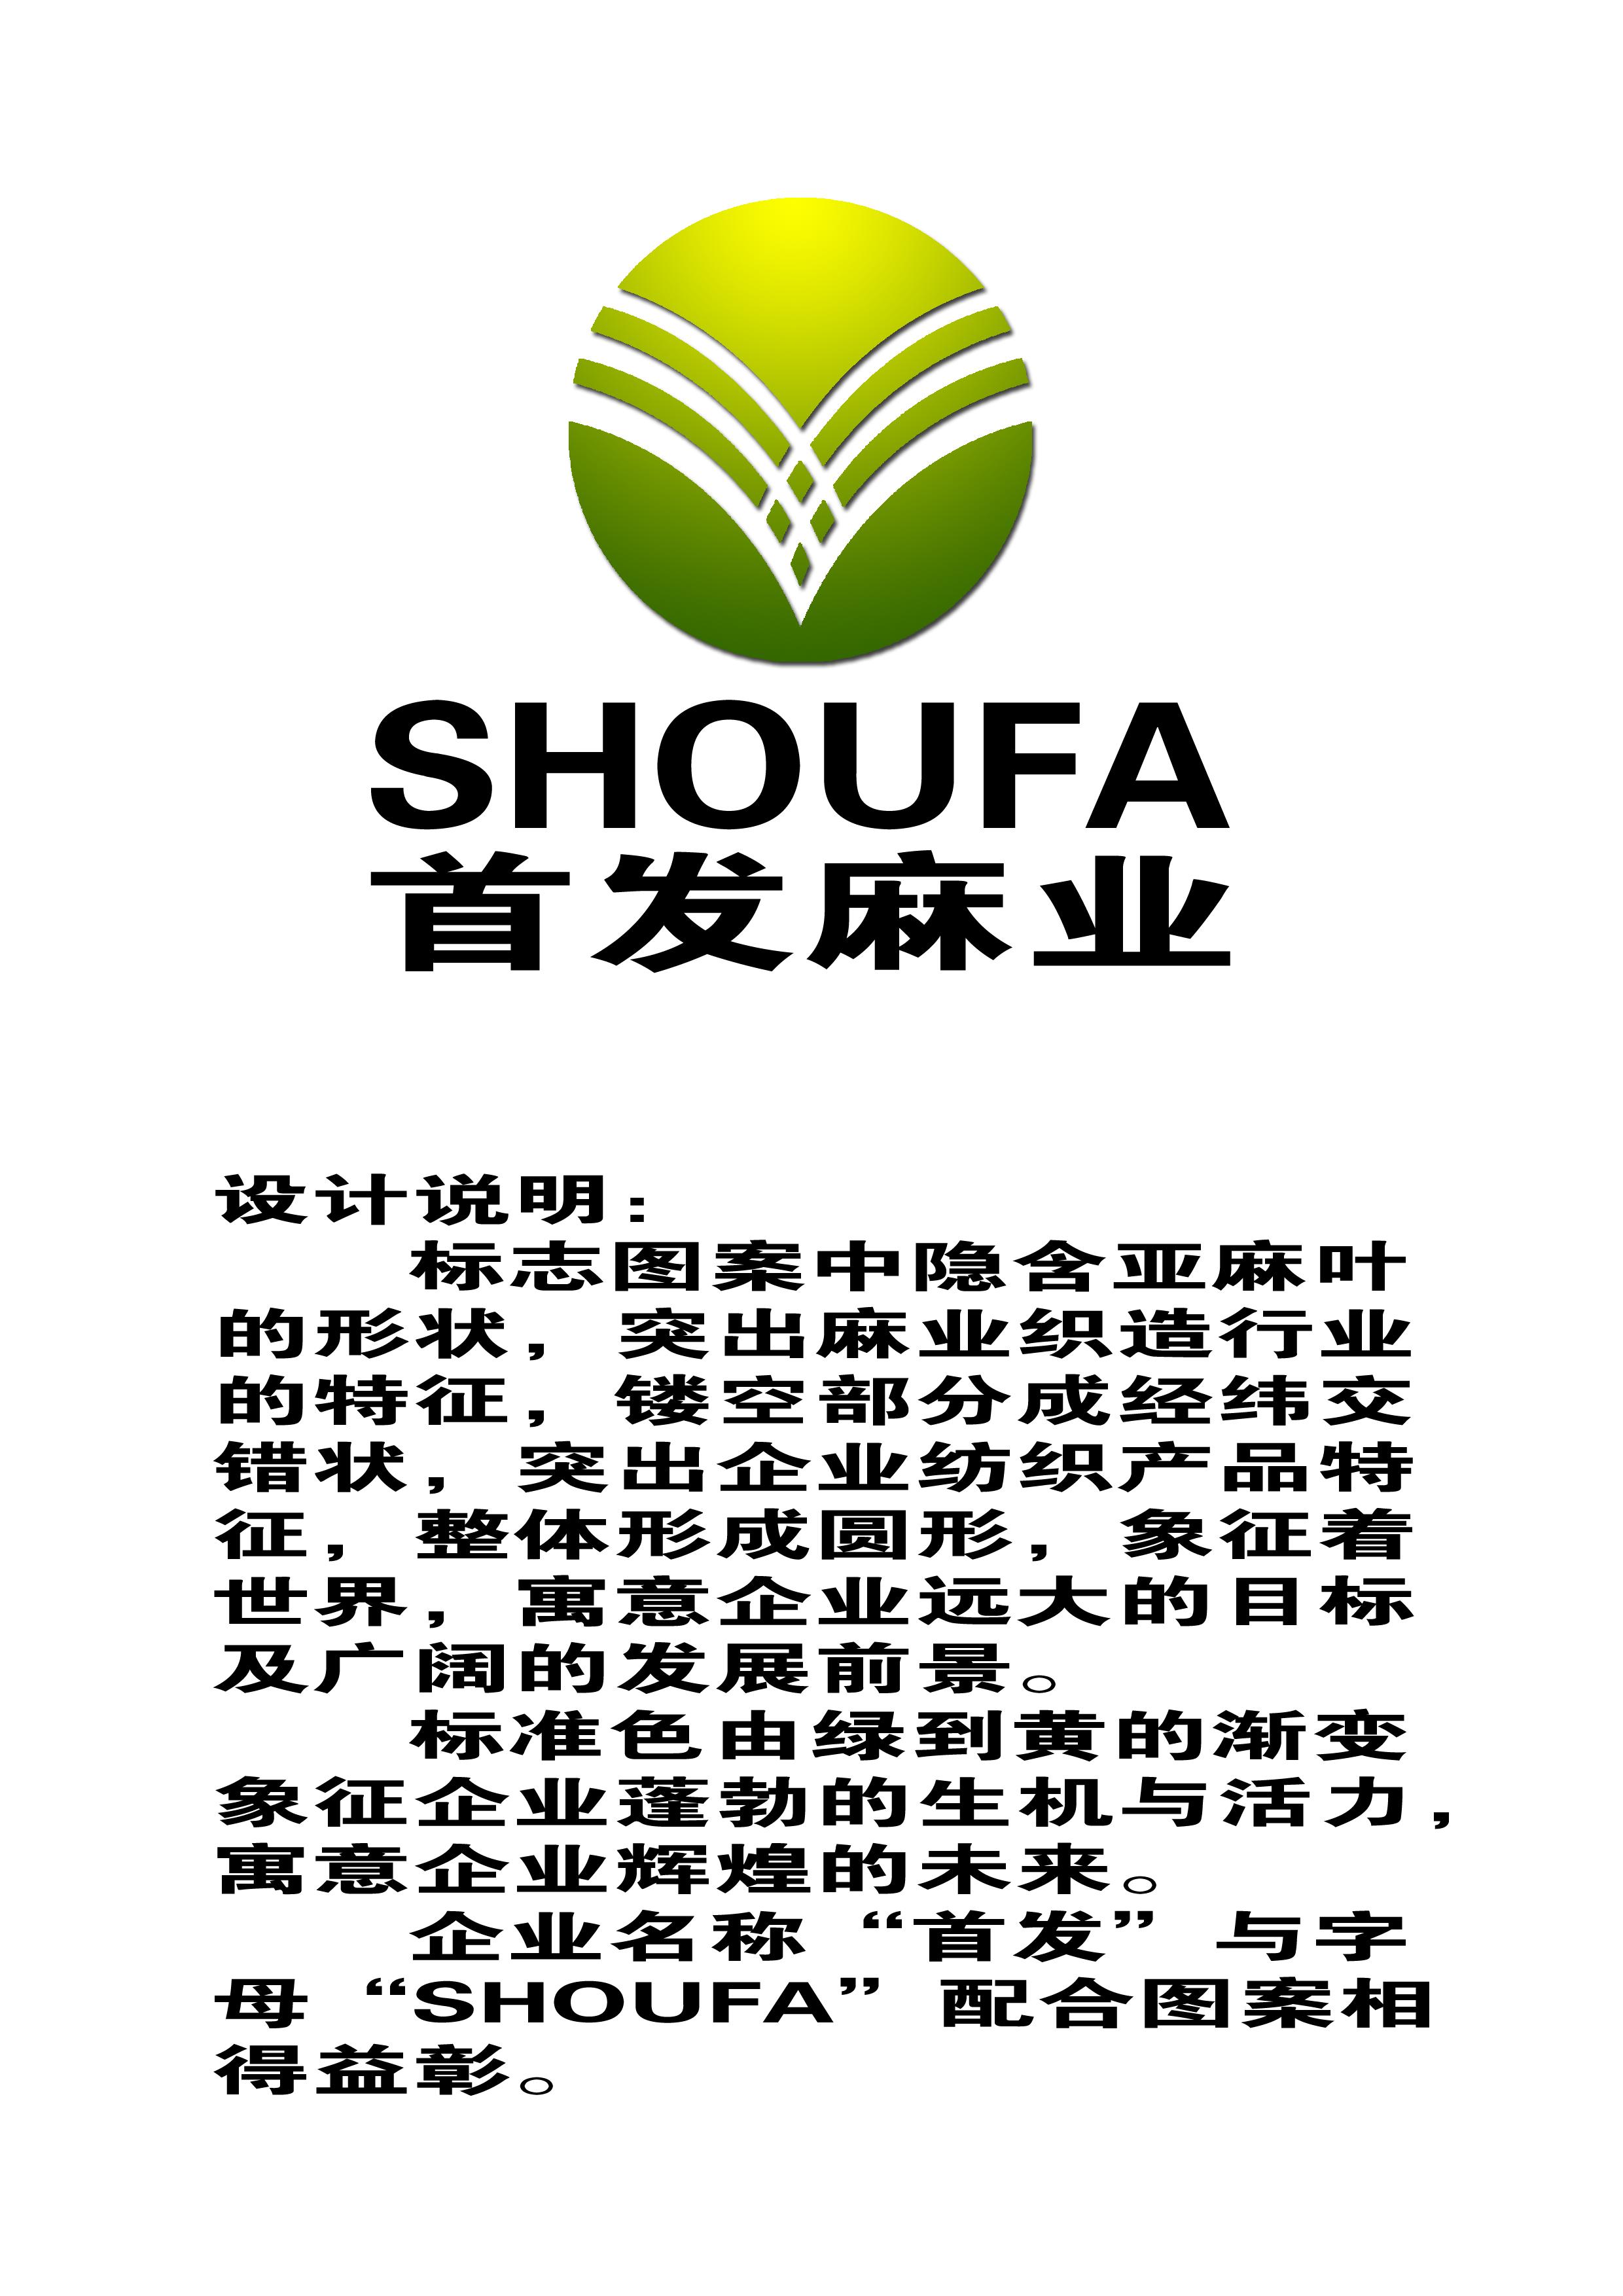 不要用中文英文名字,因为商标还没定来